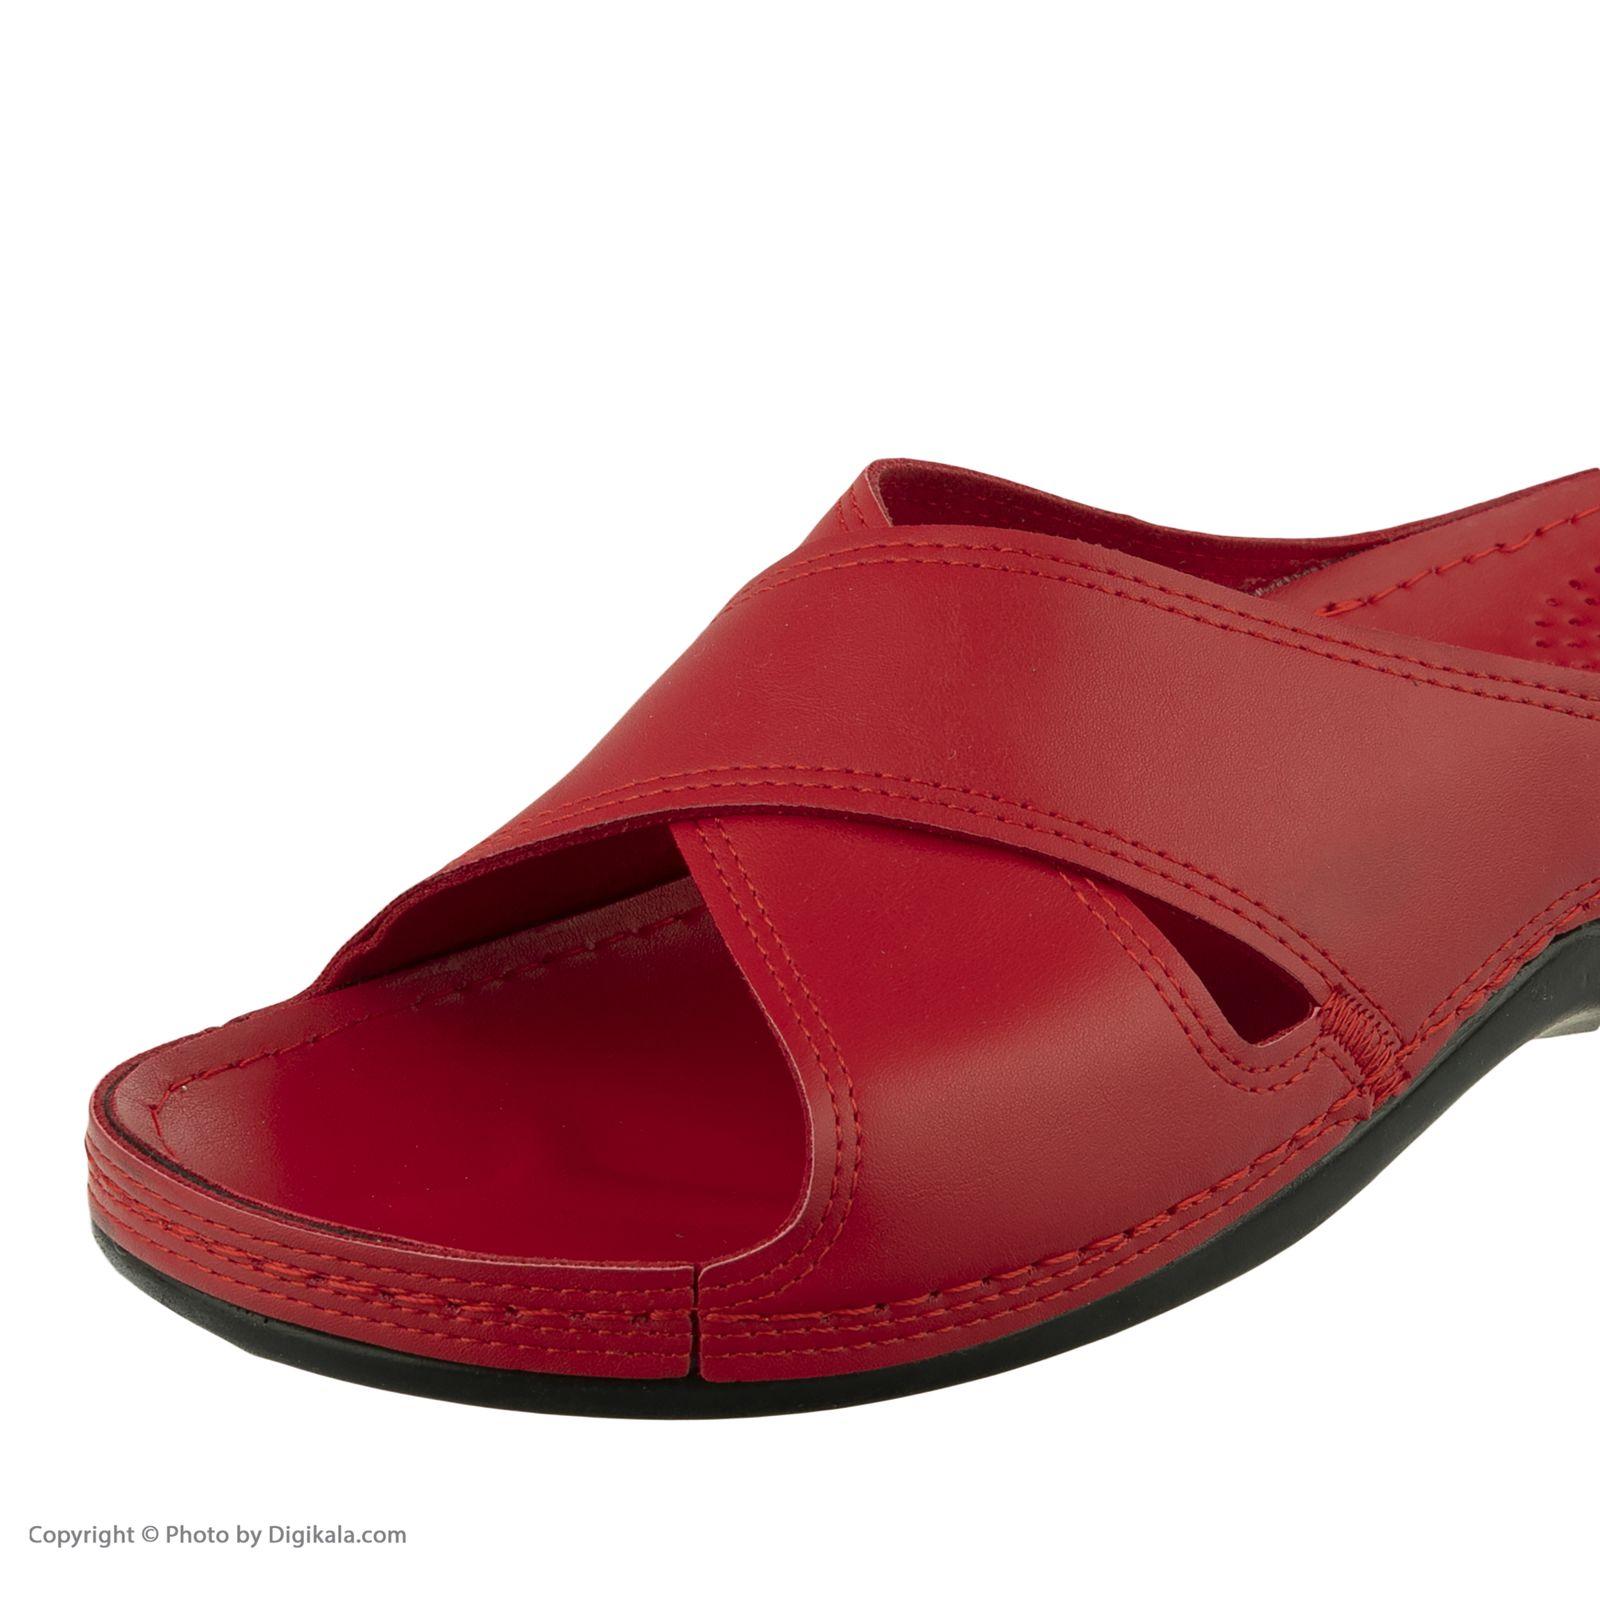 دمپایی زنانه کفش آویده کد av-0304506 رنگ قرمز -  - 3